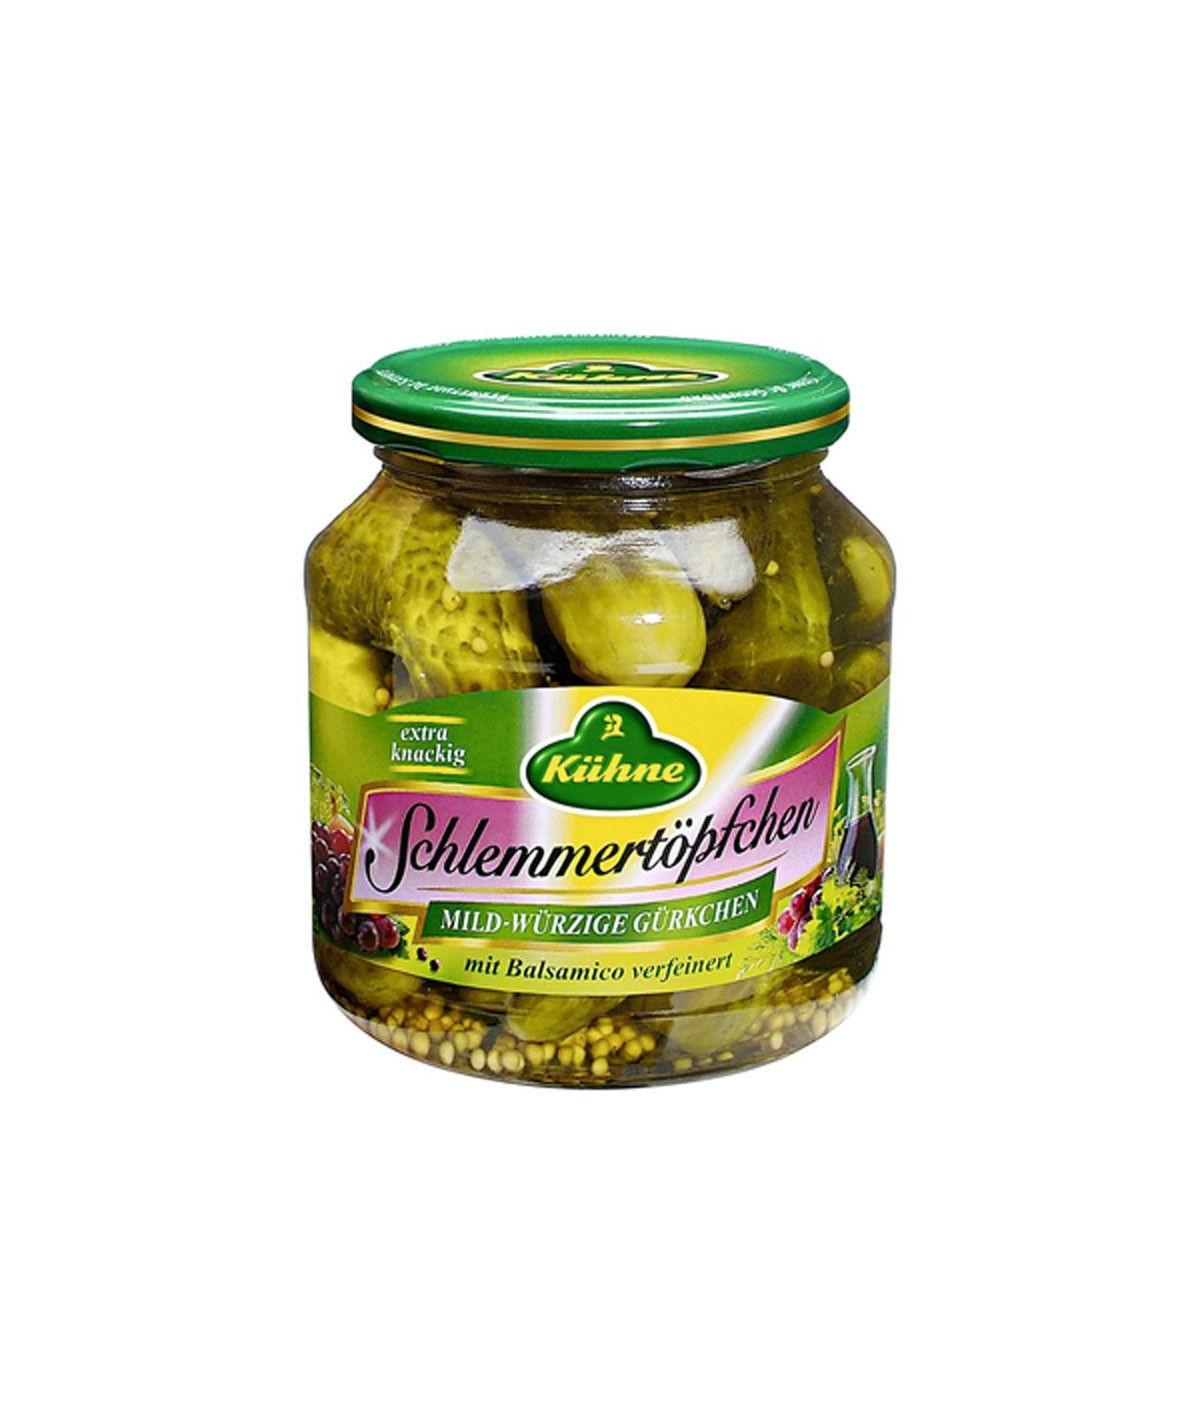 Schlemmertöpfchen mild-würzige Gürkchen mit Balsamico Kühne 580 ml